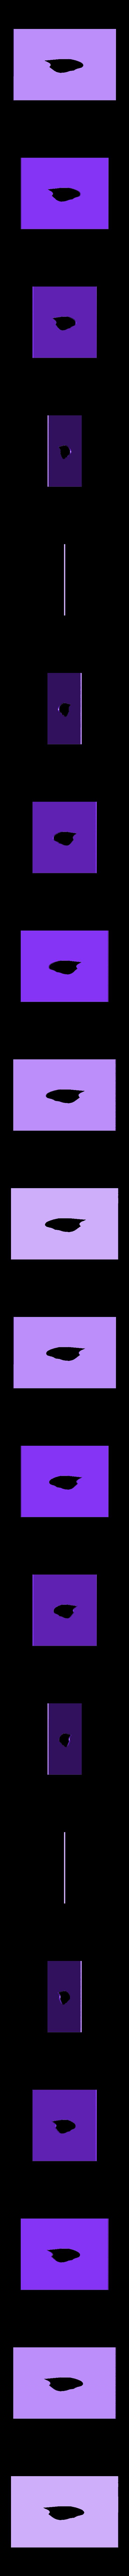 Minnow.STL Télécharger fichier STL gratuit Pochoirs à nageoires de leurre • Objet à imprimer en 3D, sthone